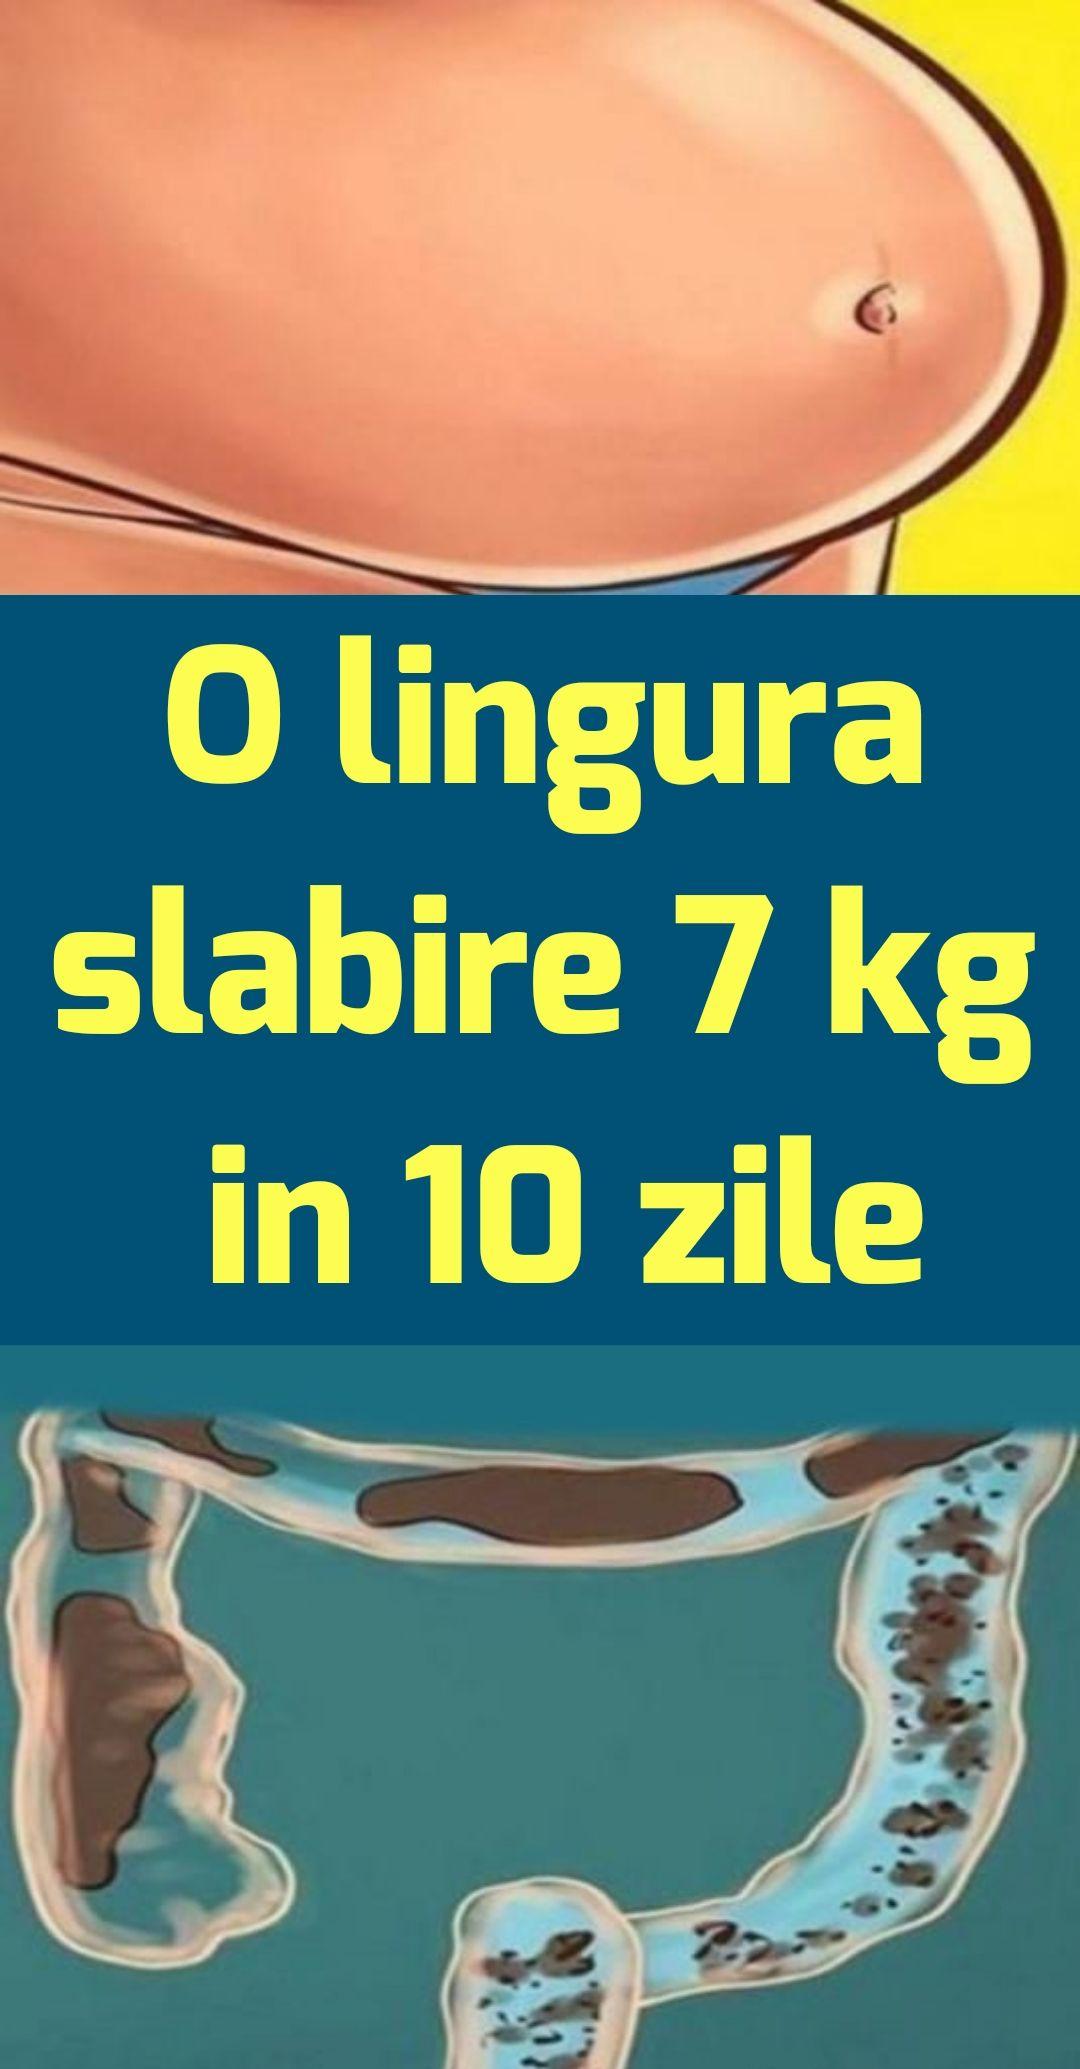 pierde greutatea fluidului)